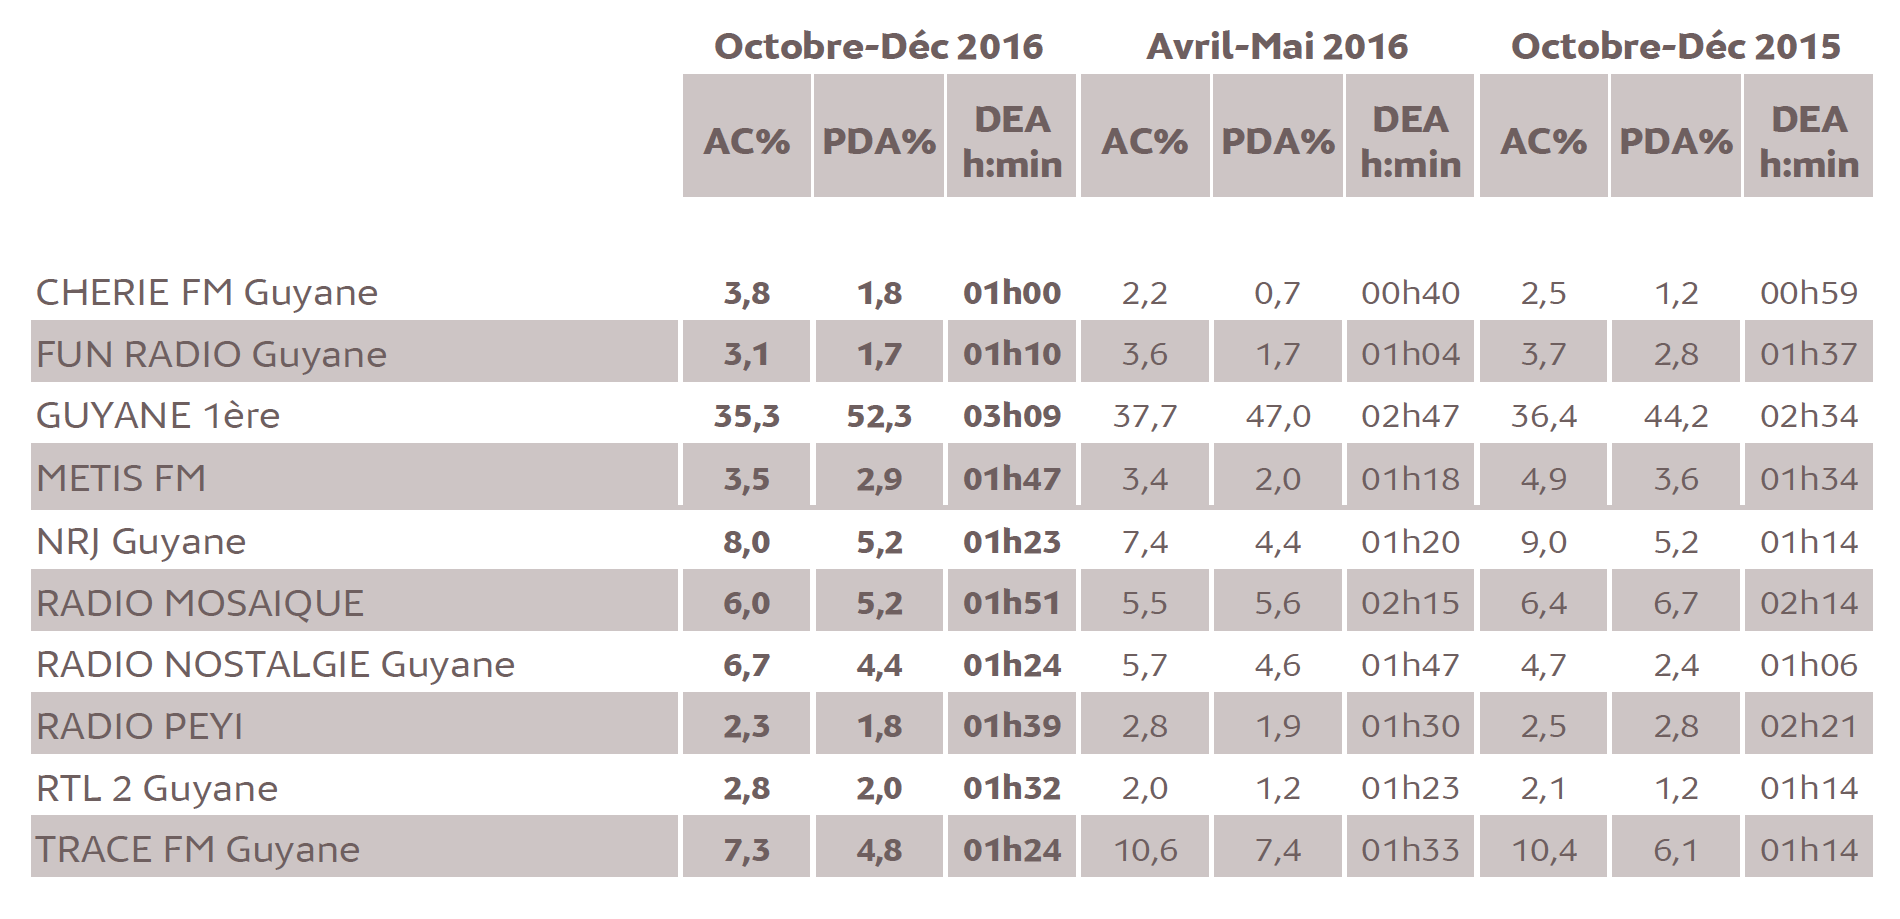 Source : Médiamétrie - Métridom Guyane Octobre-Décembre 2016 - 13 ans et plus - Copyright Médiamétrie - Tous droits réservés